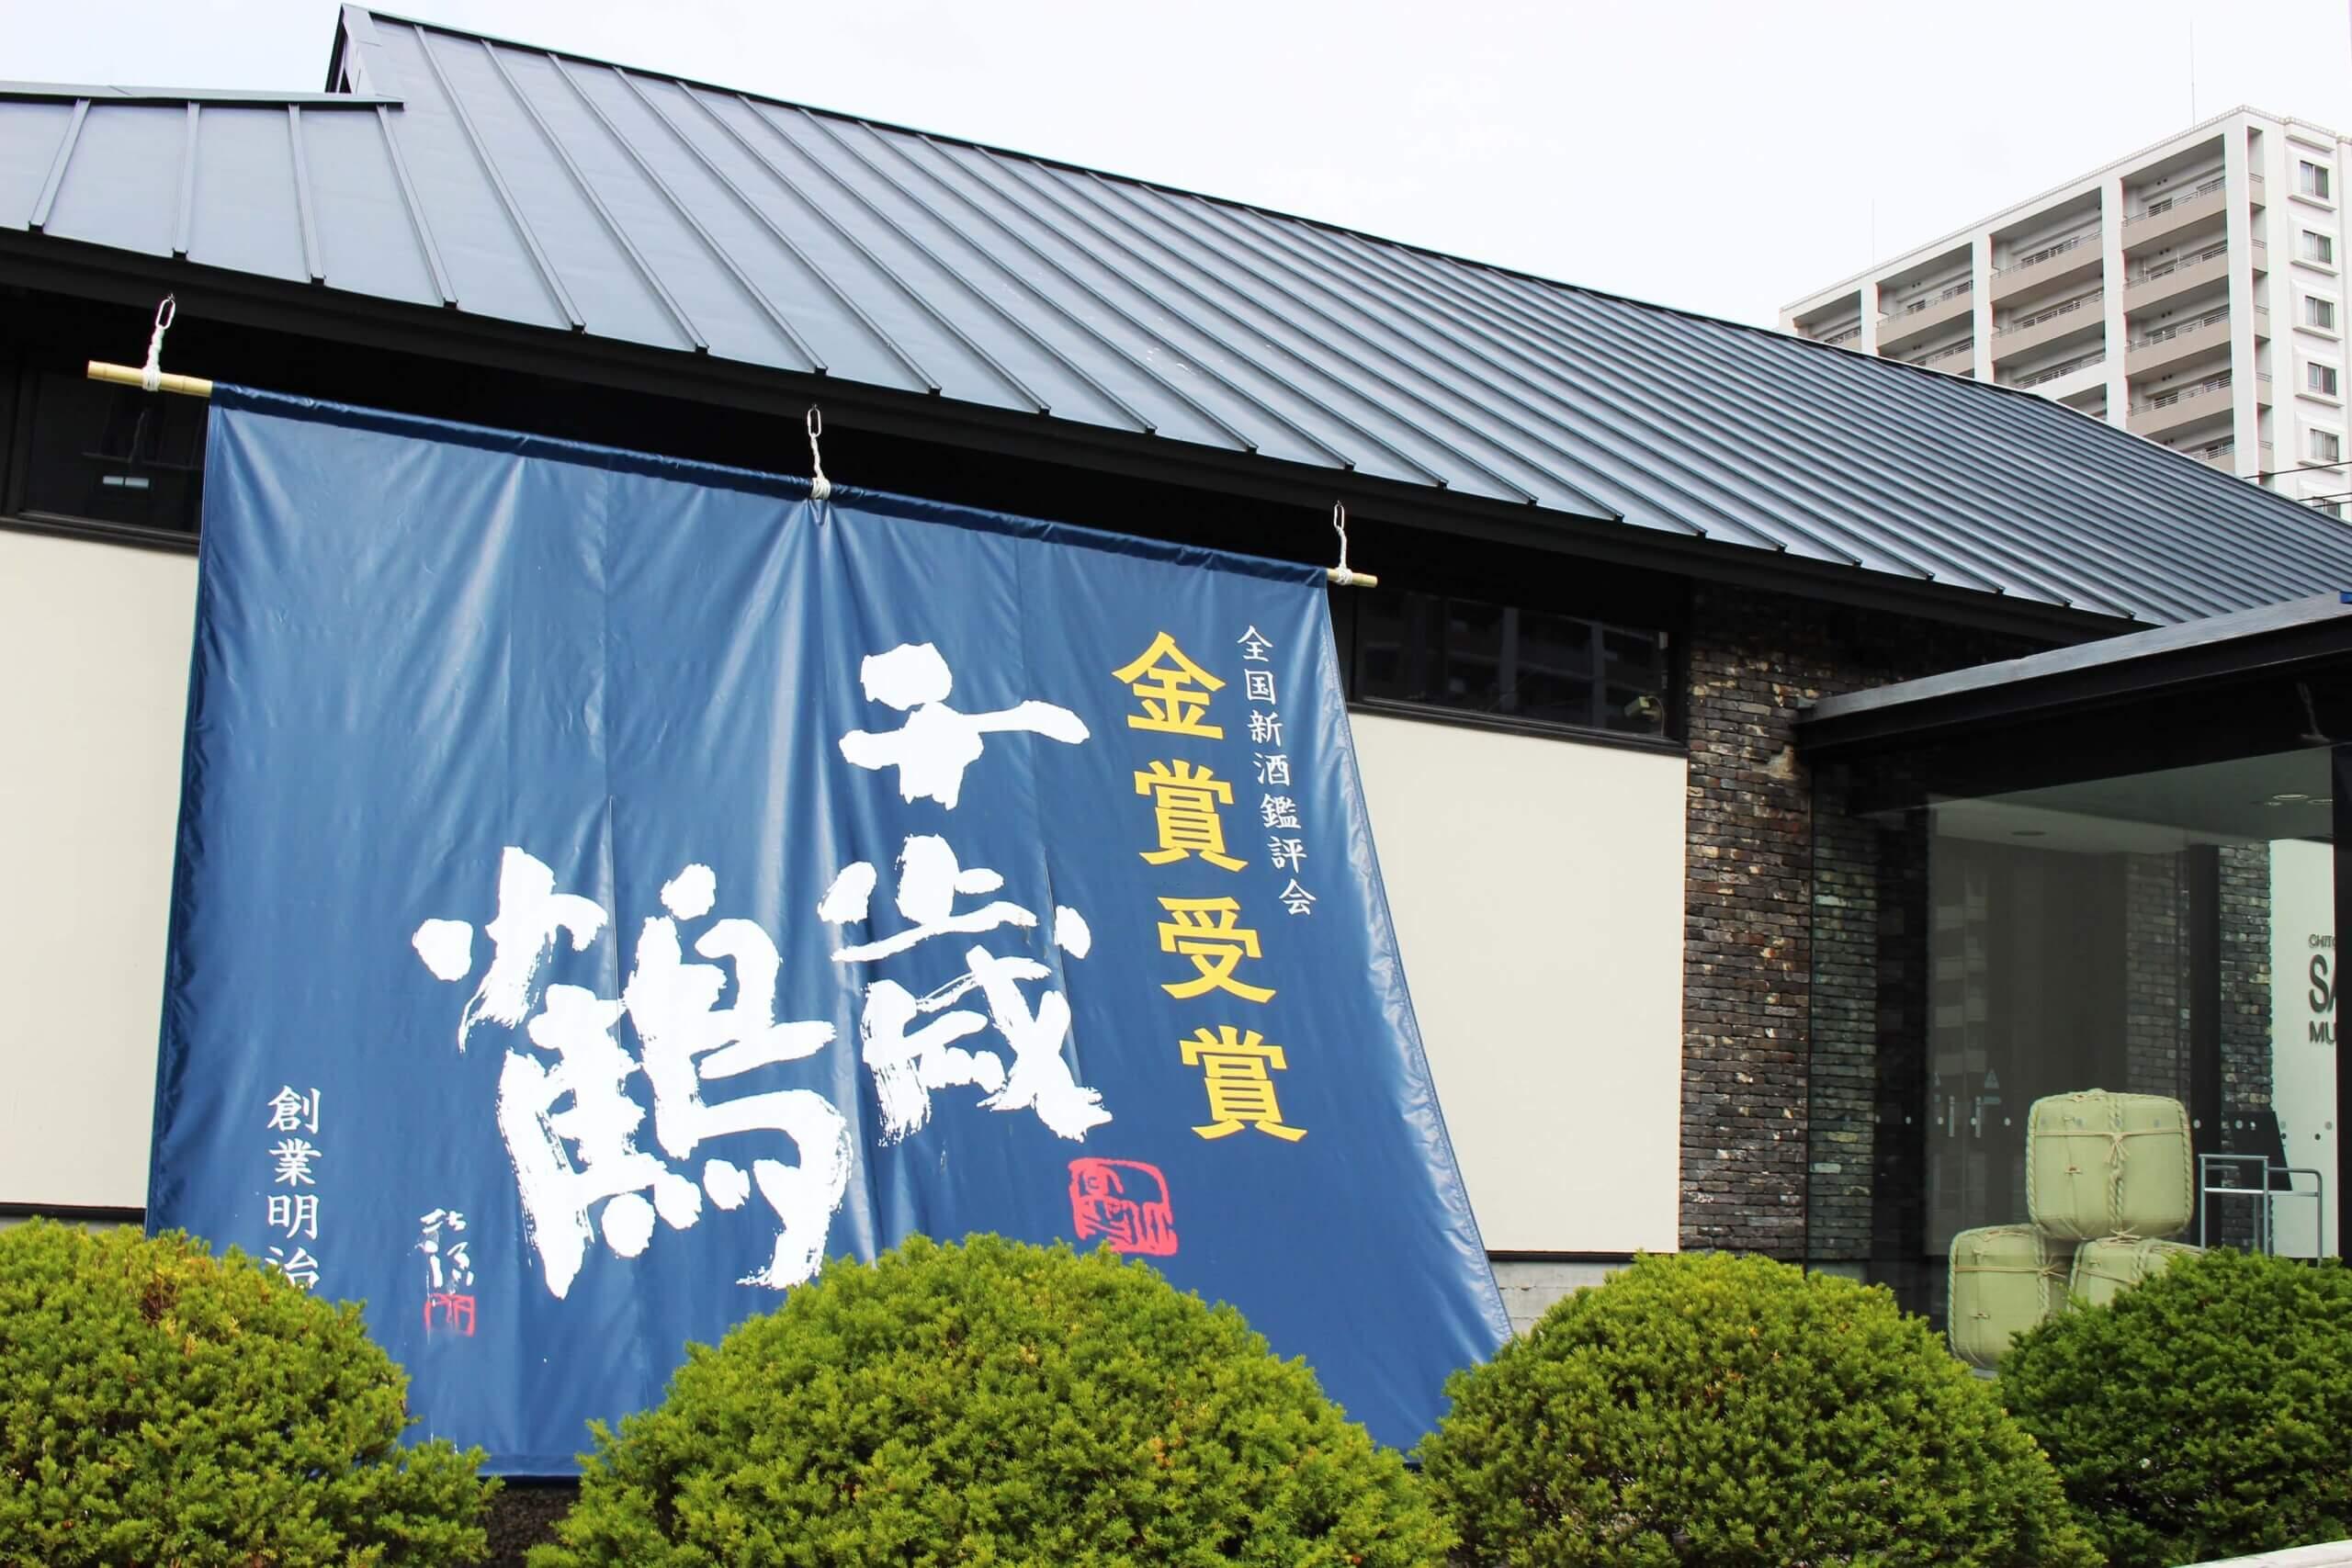 超過百年歷史的釀酒廠「千歲鶴酒博物館」